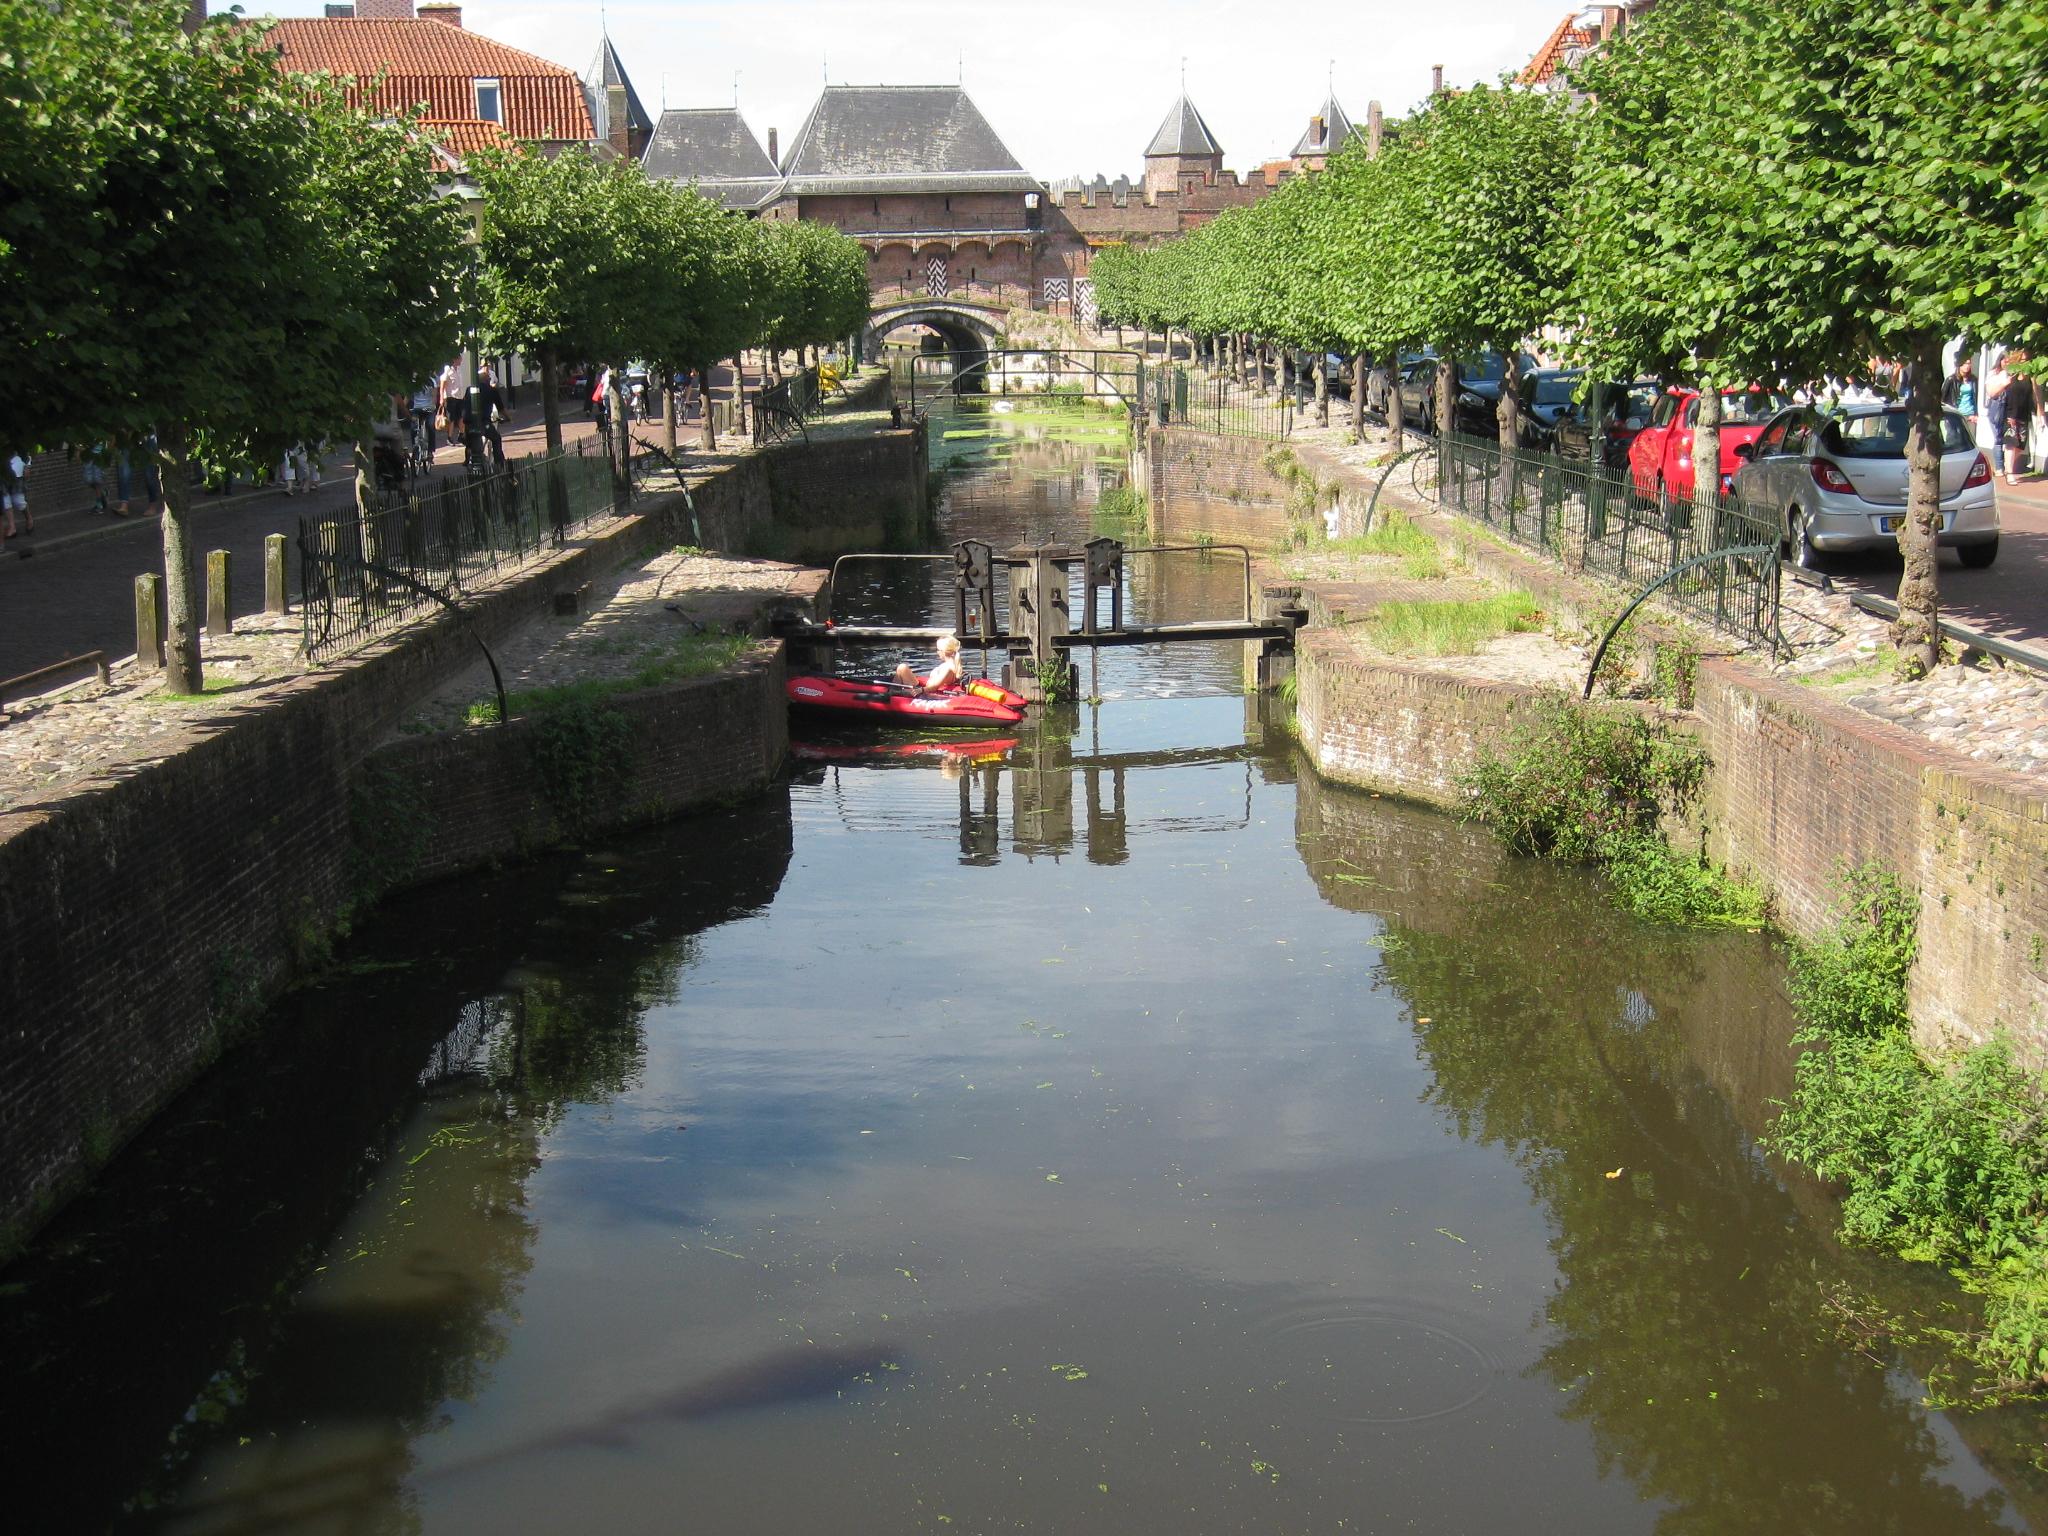 Amersfoort et ses canaux du Moyen-Age